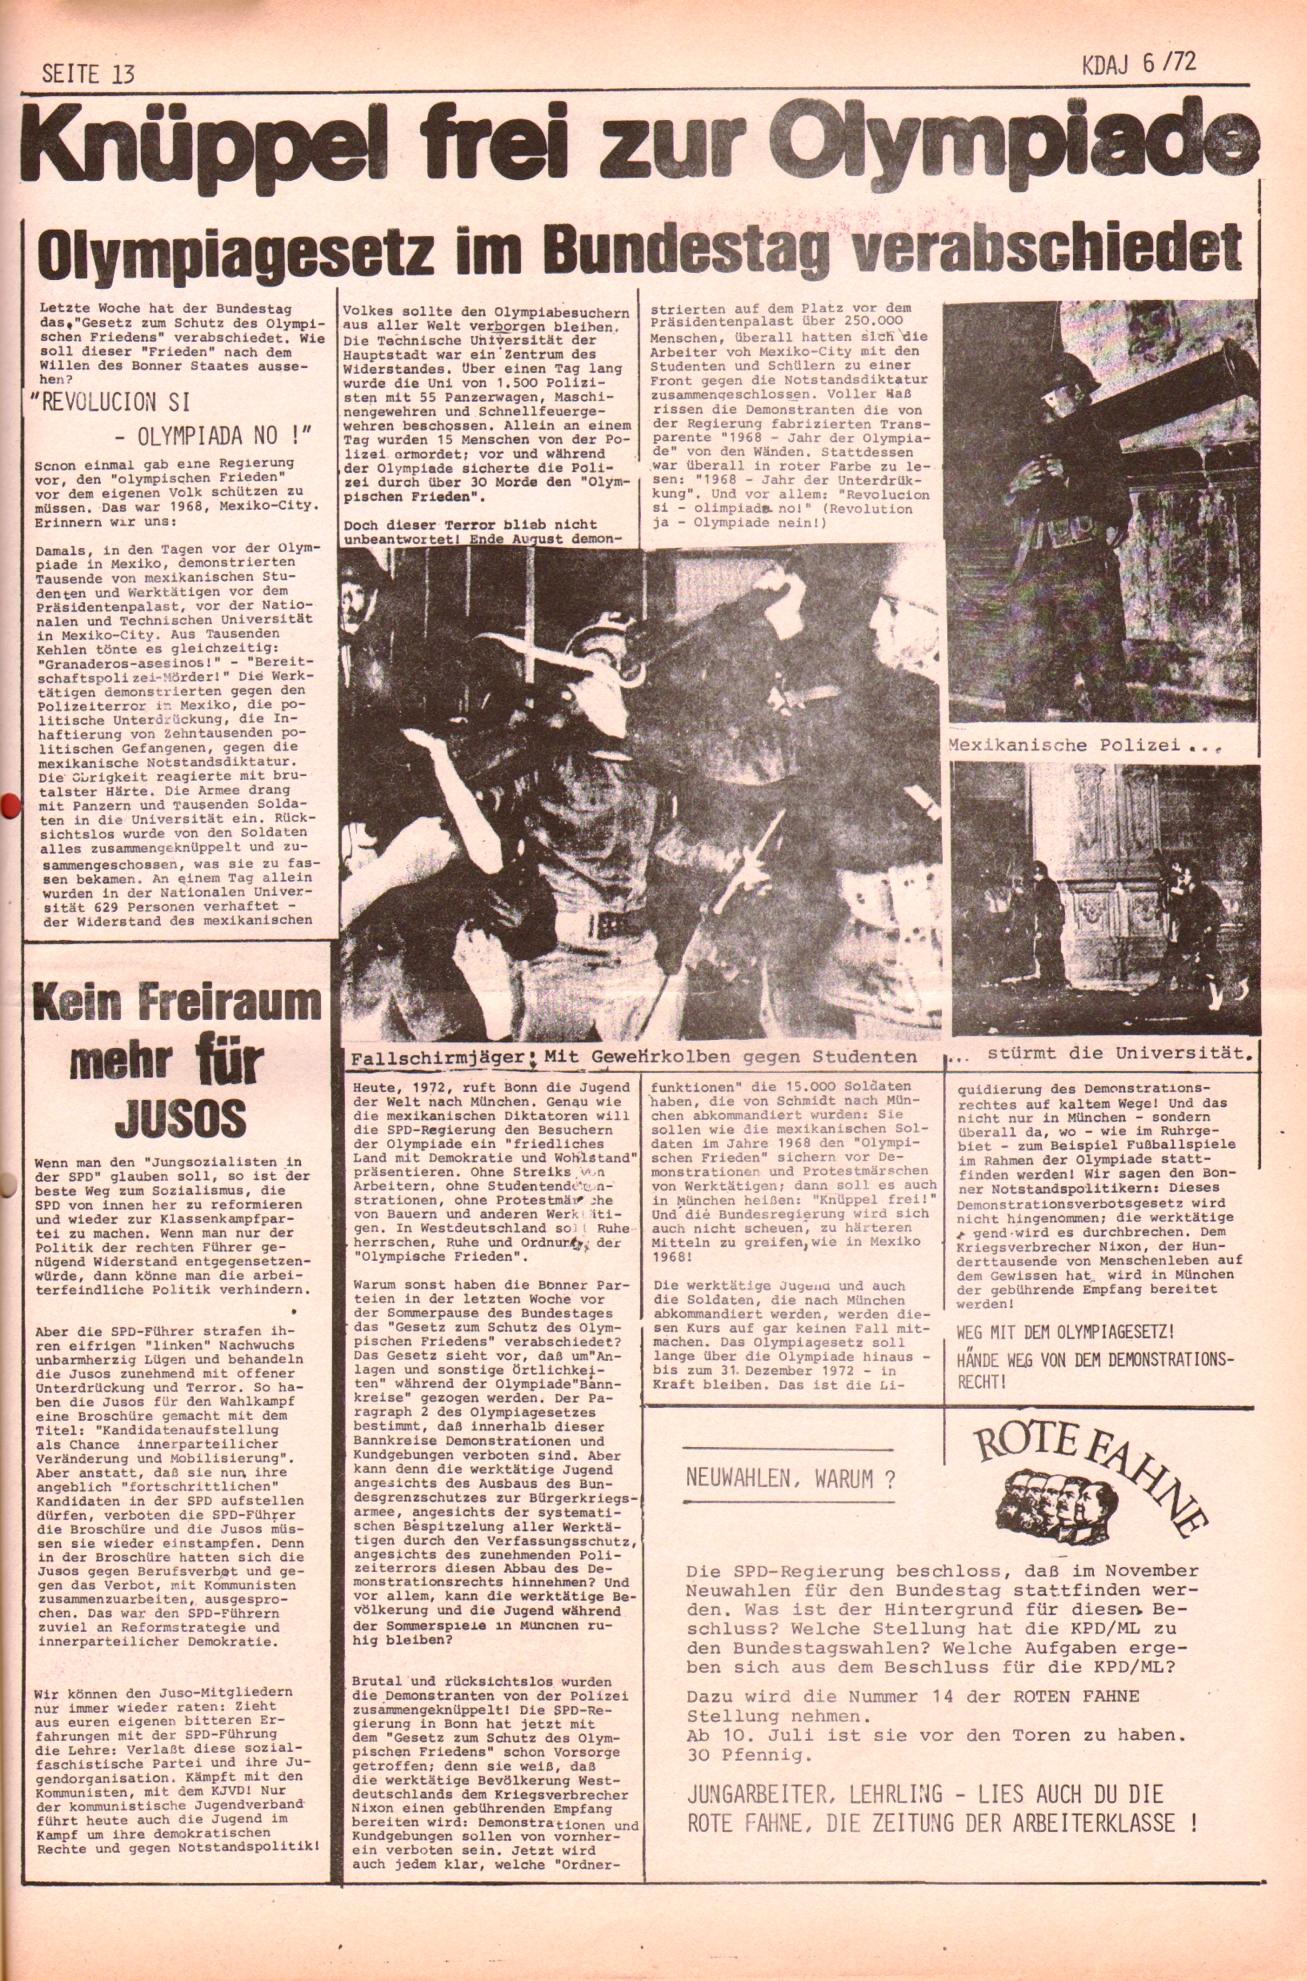 KDAJ, 3. Jg., Juli 1972, Nr. 6, Seite 13